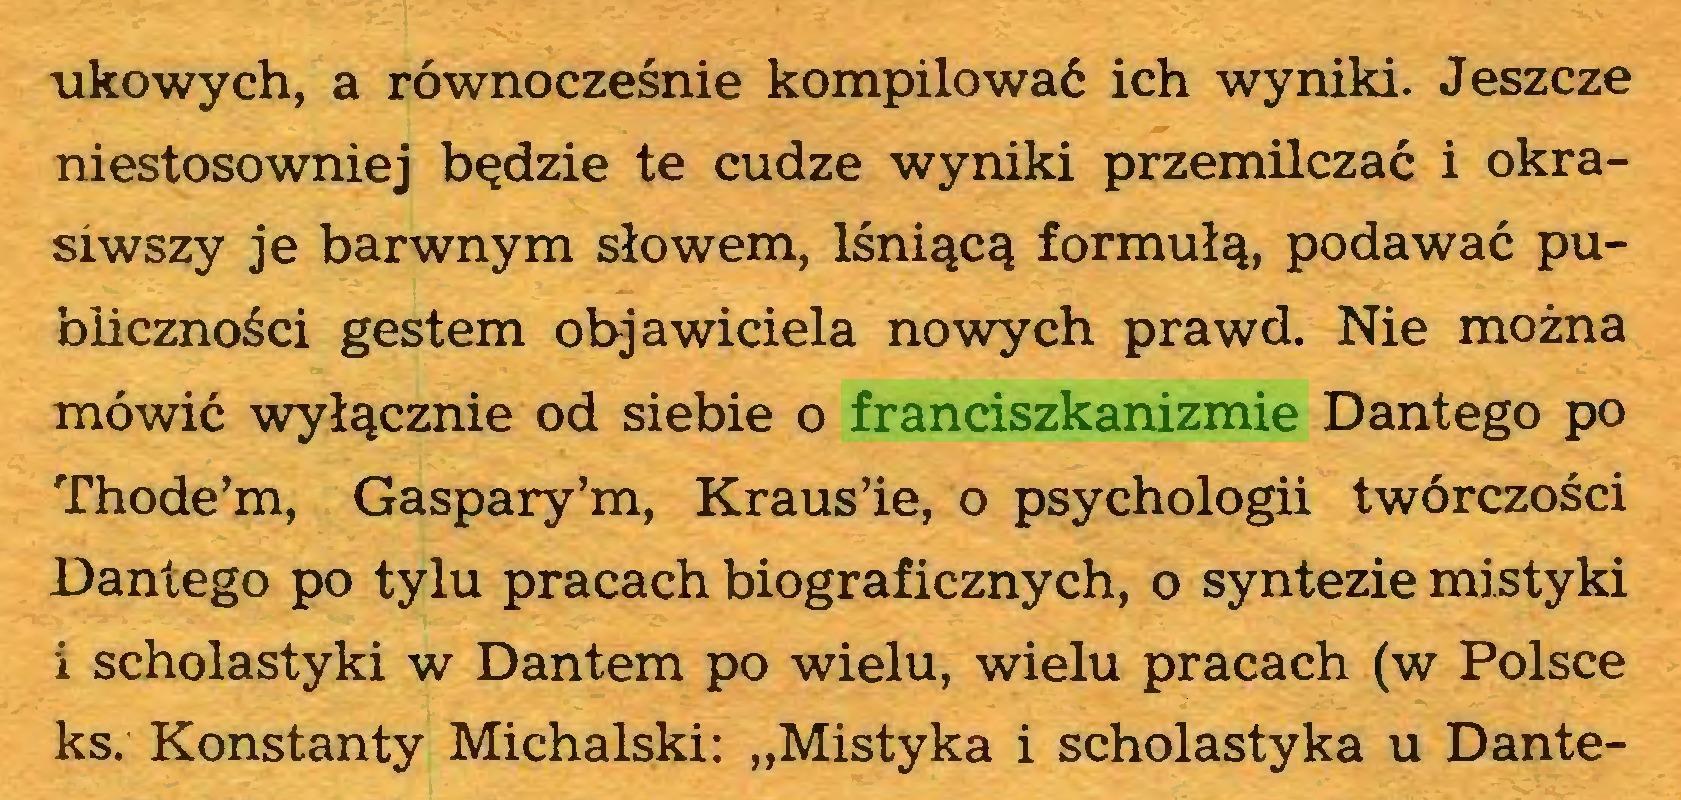 """(...) tikowych, a równocześnie kompilować ich wyniki. Jeszcze niestosowniej będzie te cudze wyniki przemilczać i okrasiwszy je barwnym słowem, lśniącą formułą, podawać publiczności gestem objawiciela nowych prawd. Nie można mówić wyłącznie od siebie o franciszkanizmie Dantego po Thode'm, Gaspary'm, Kraus'ie, o psychologii twórczości Dantego po tylu pracach biograficznych, o syntezie mistyki i scholastyki w Dantem po wielu, wielu pracach (w Polsce ks. Konstanty Michalski: """"Mistyka i scholastyka u Dante..."""